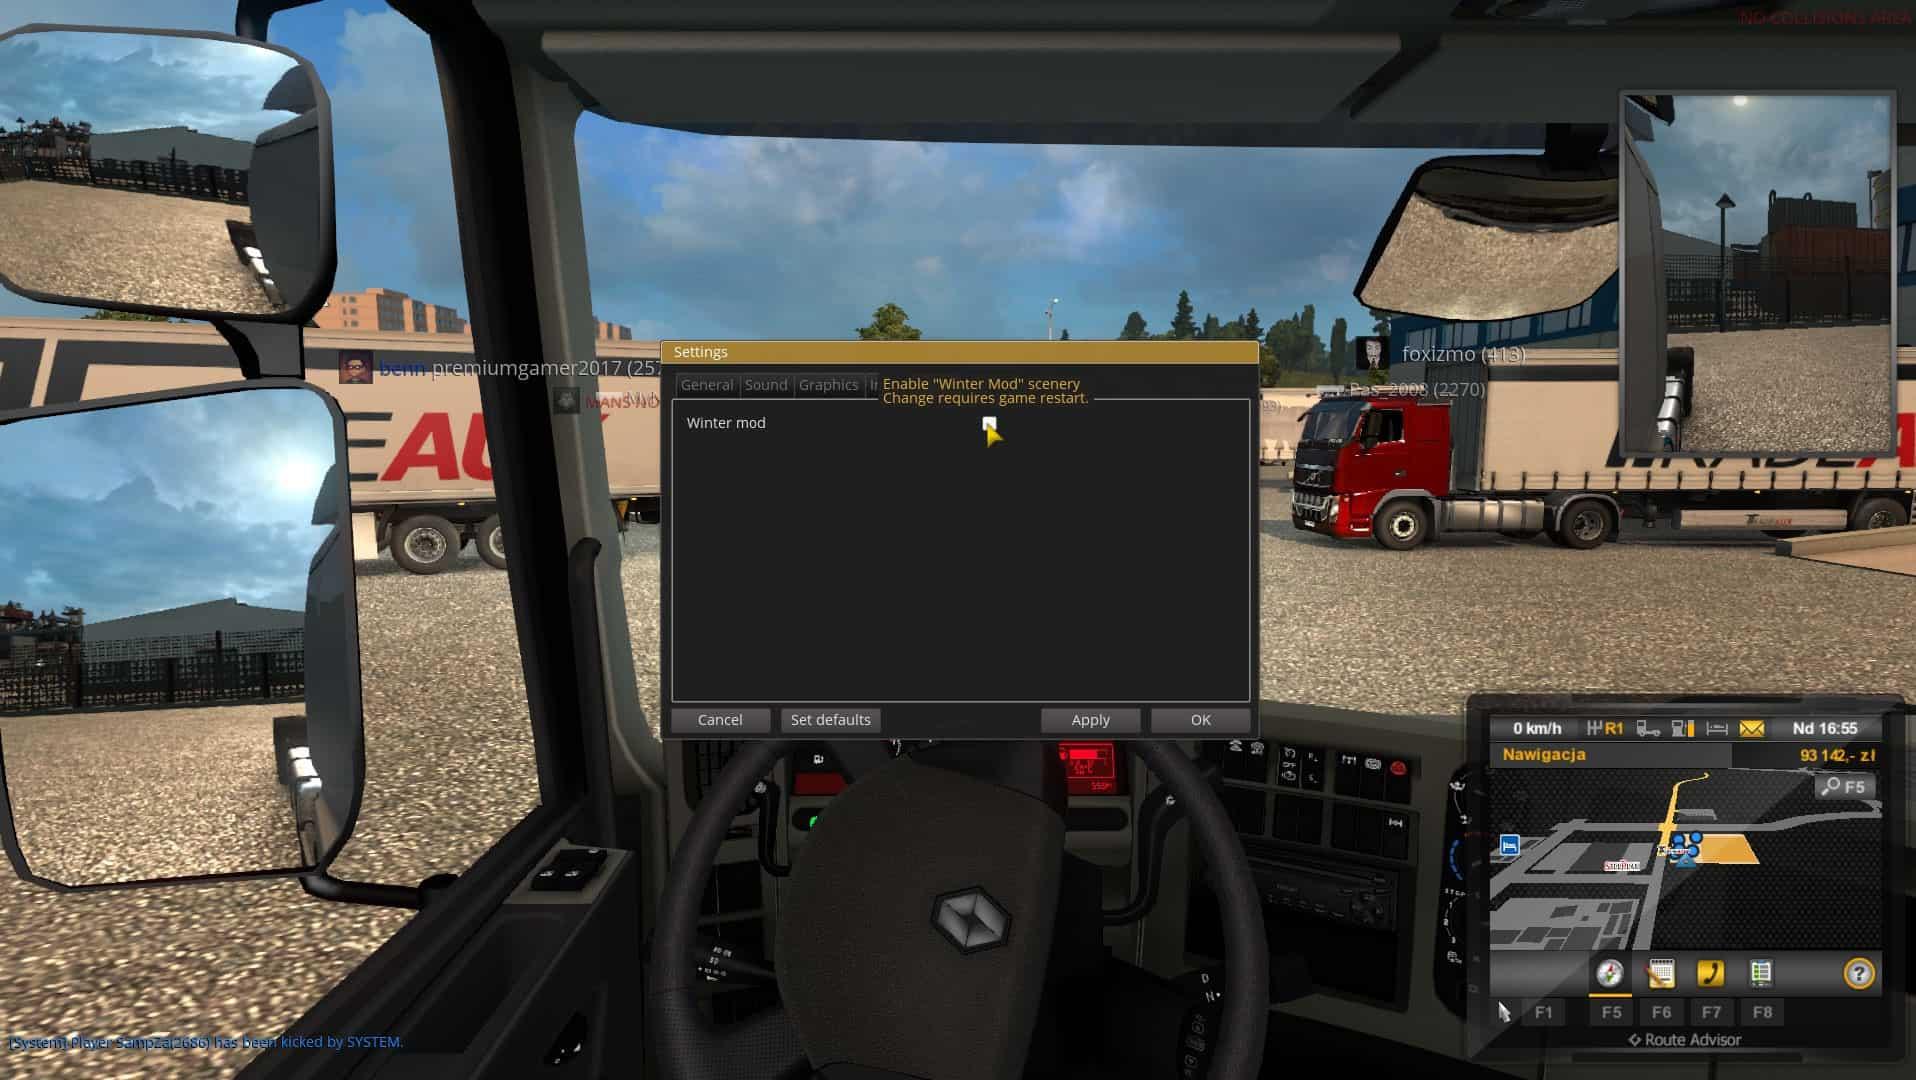 TruckersMP Winter Mod wyłączony, ale pada śnieg  Jak